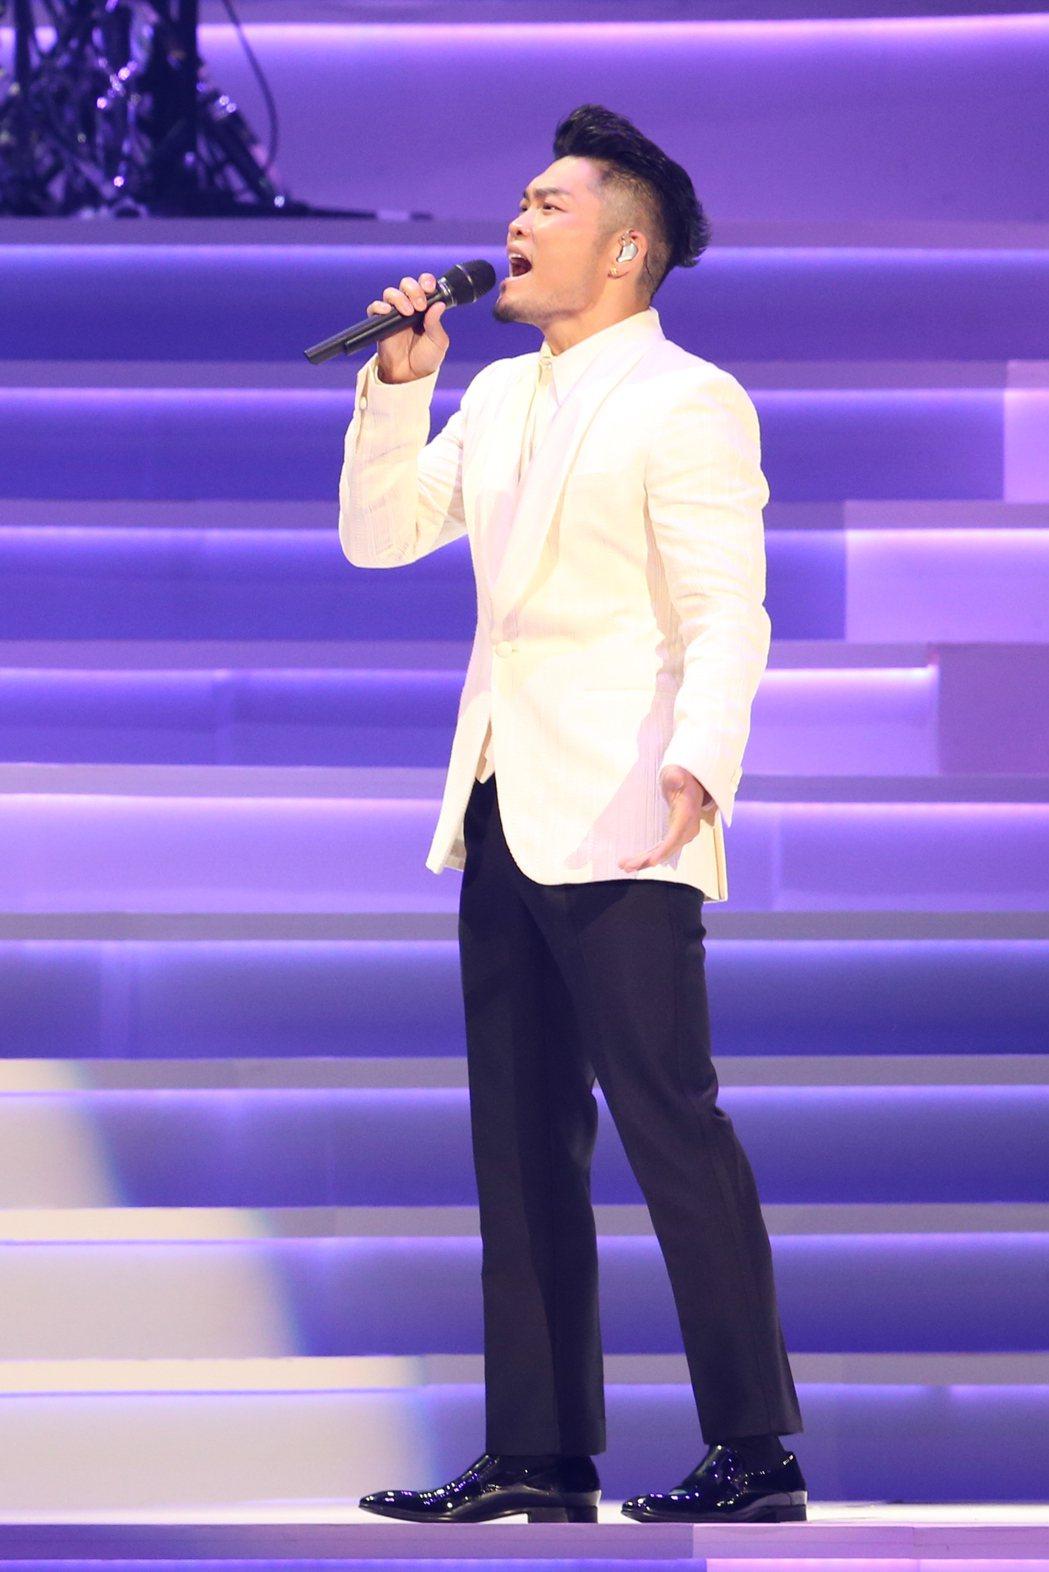 今曲歌王李玖哲首度破蛋,頻頻哽咽落淚,展現真性情。記者葉信菉/攝影